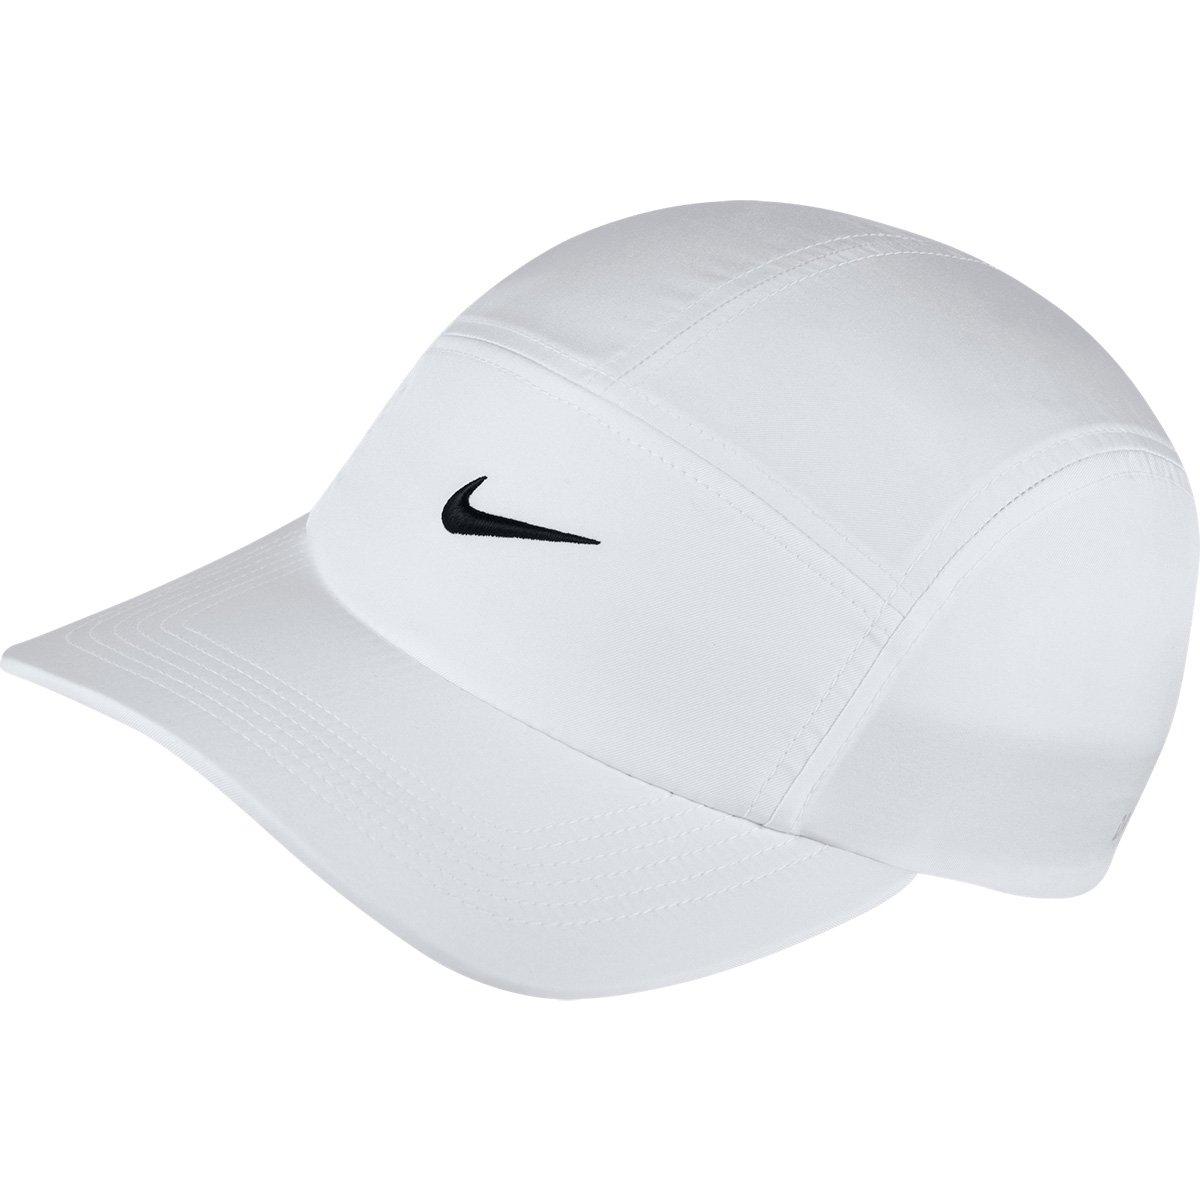 8bae715f3c369 Boné Nike Aba Curva Aw84 Core - Branco e Preto - Compre Agora